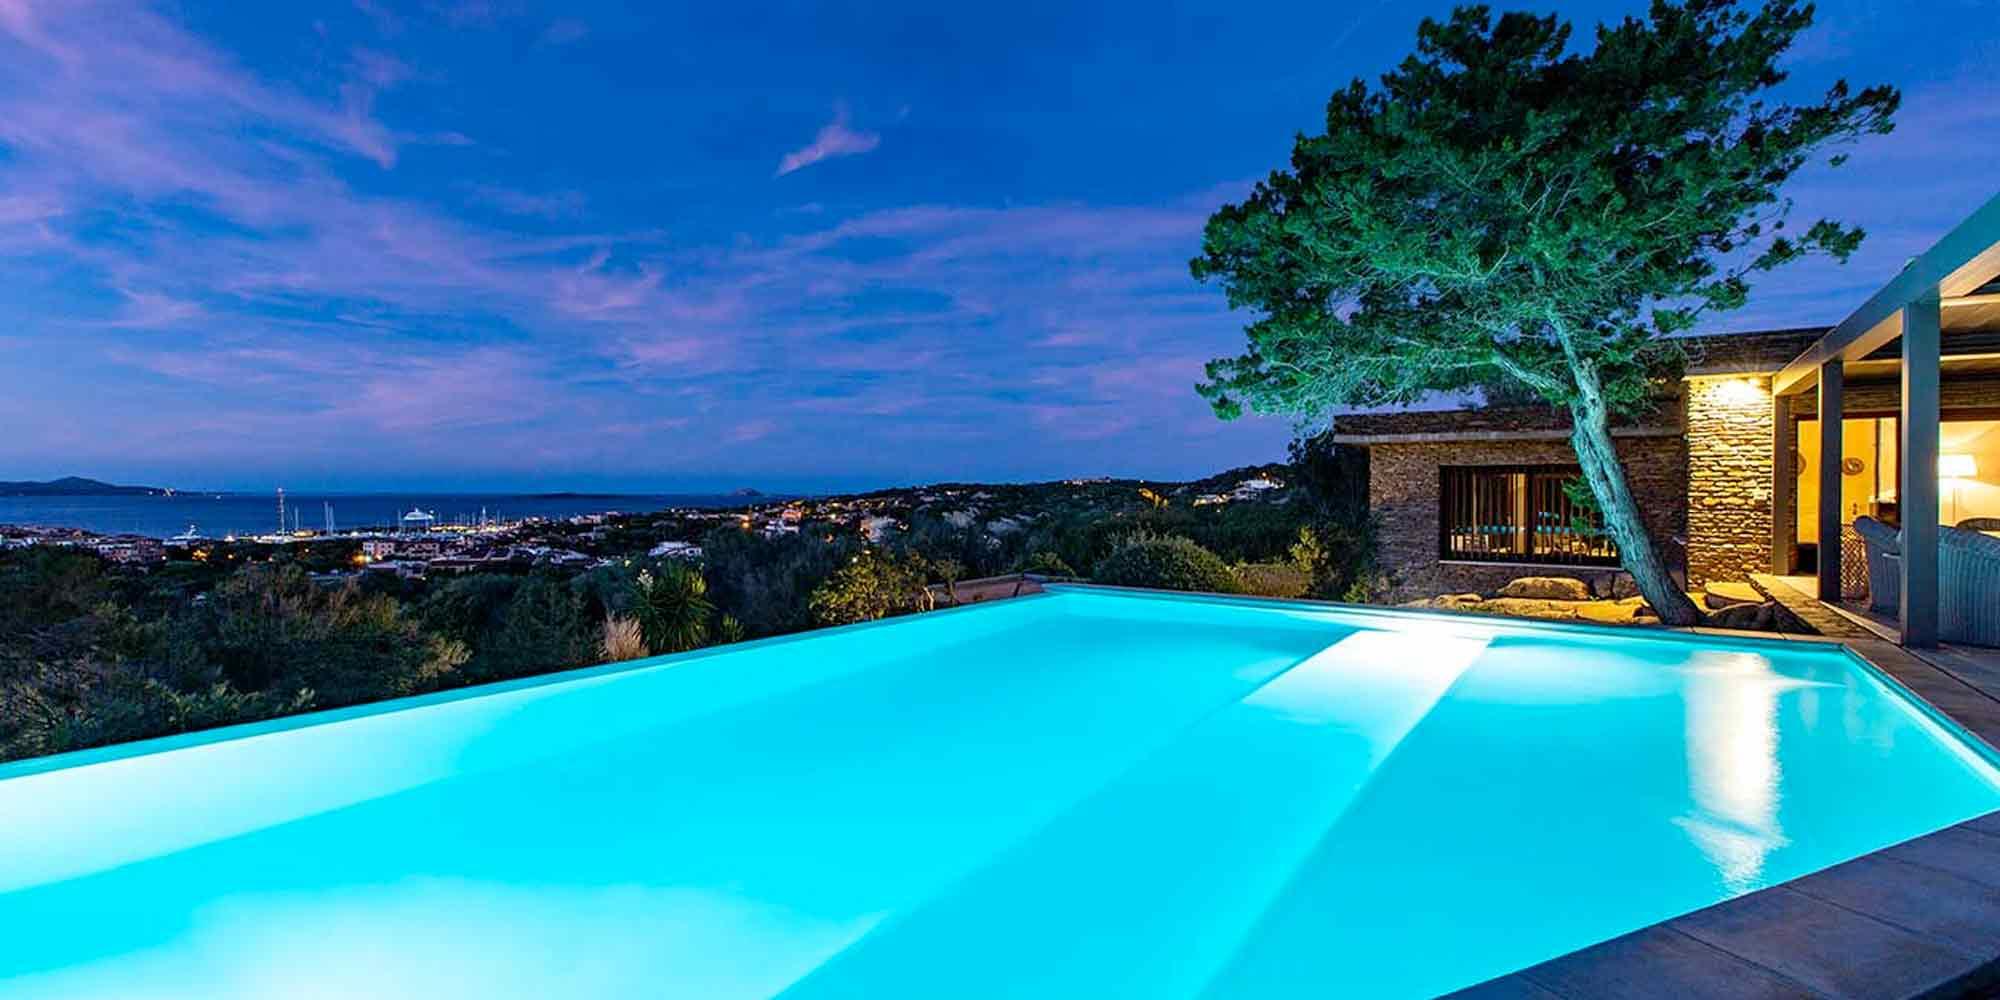 Villa Smeralda, Sardegna